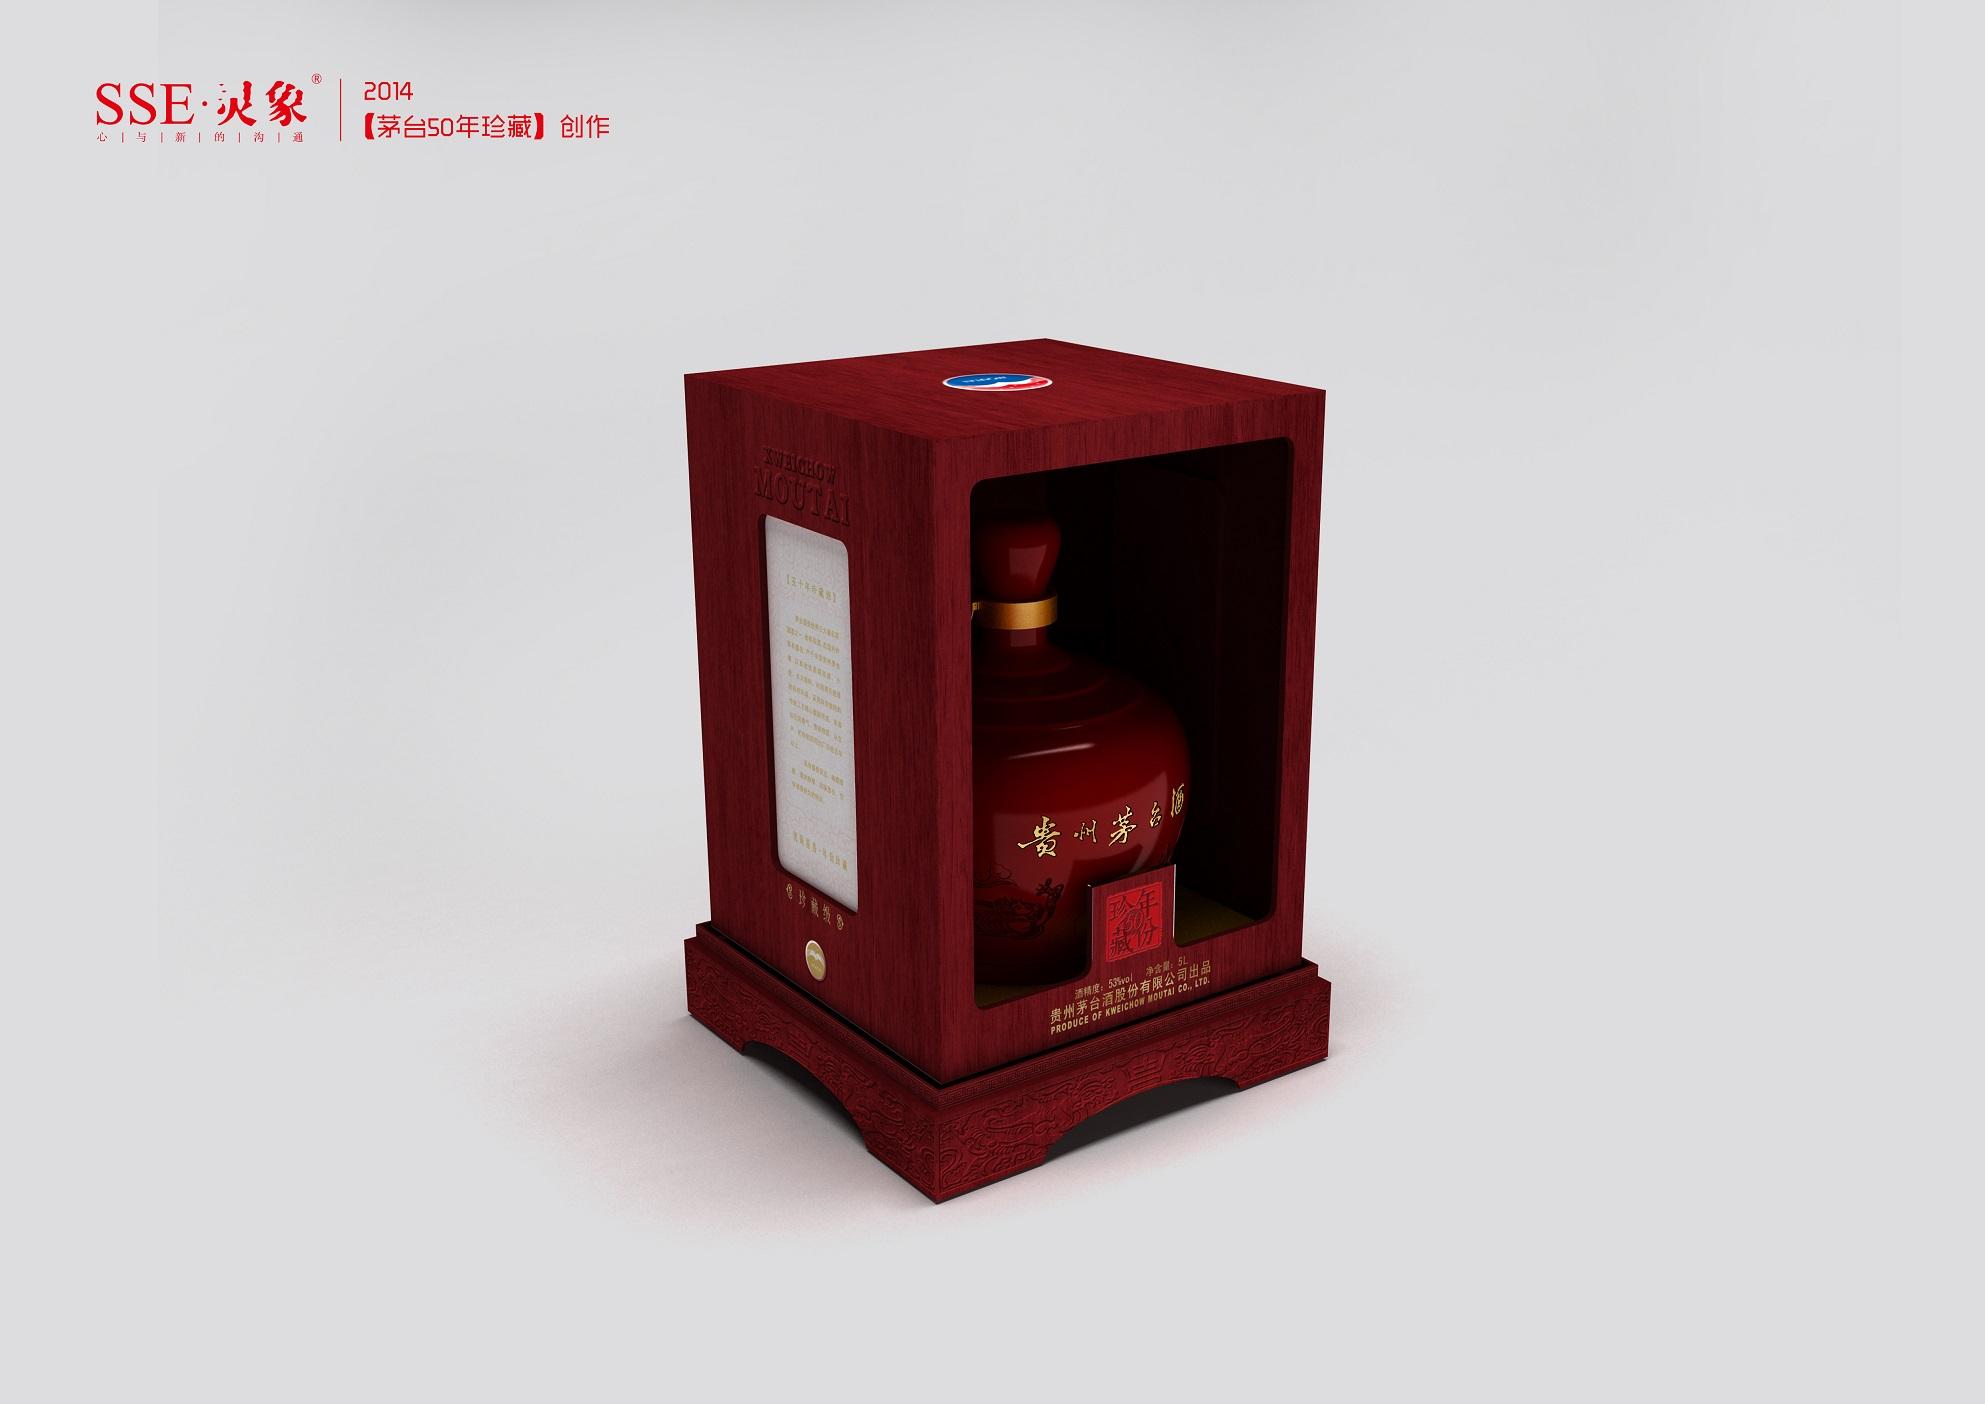 贵州茅台50年珍藏-包装全案设计